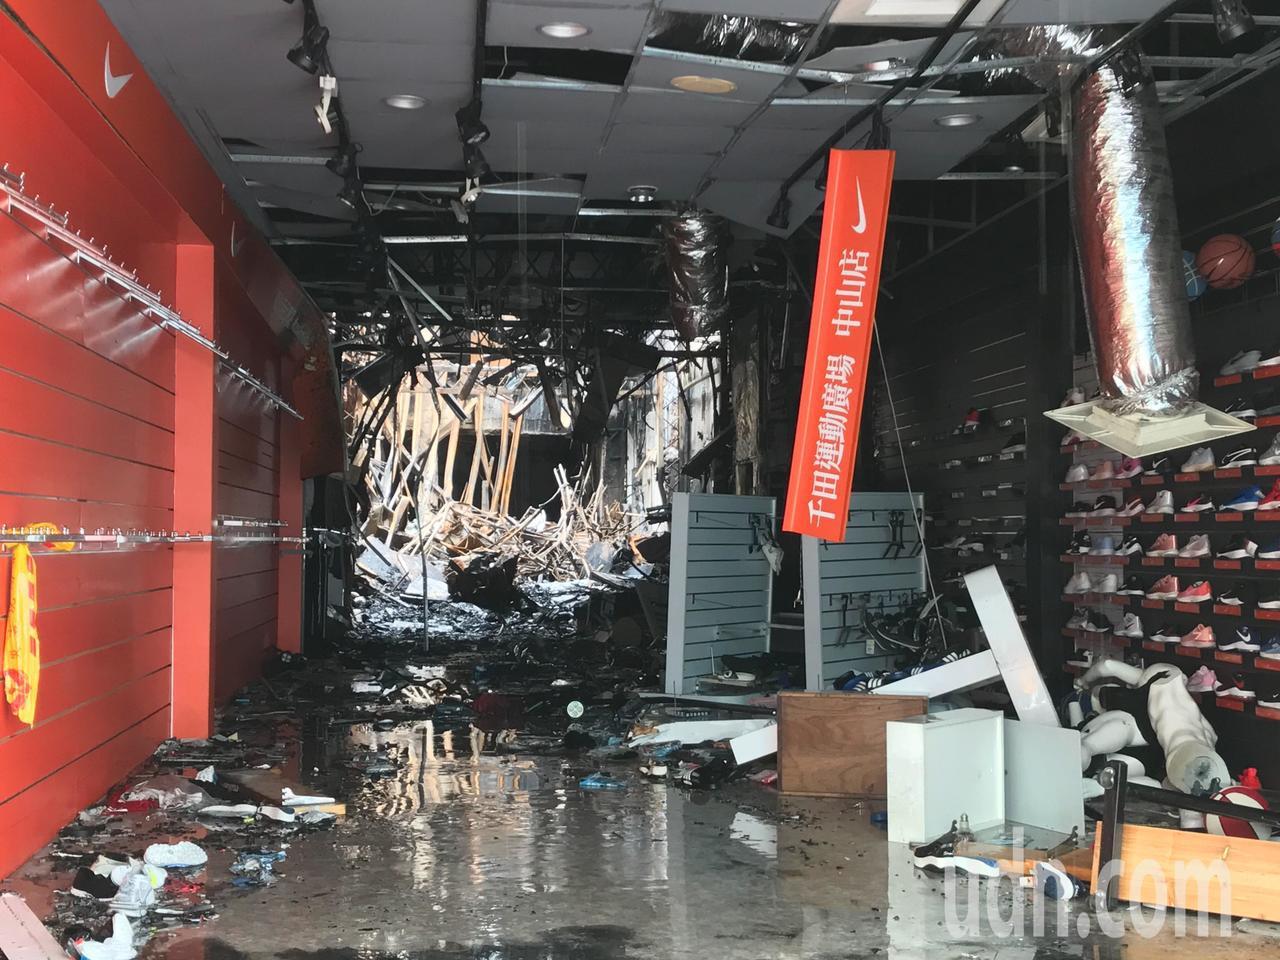 花蓮市中山路上運動用品店被大火燒得焦黑,損失難以估計。記者王思慧/攝影